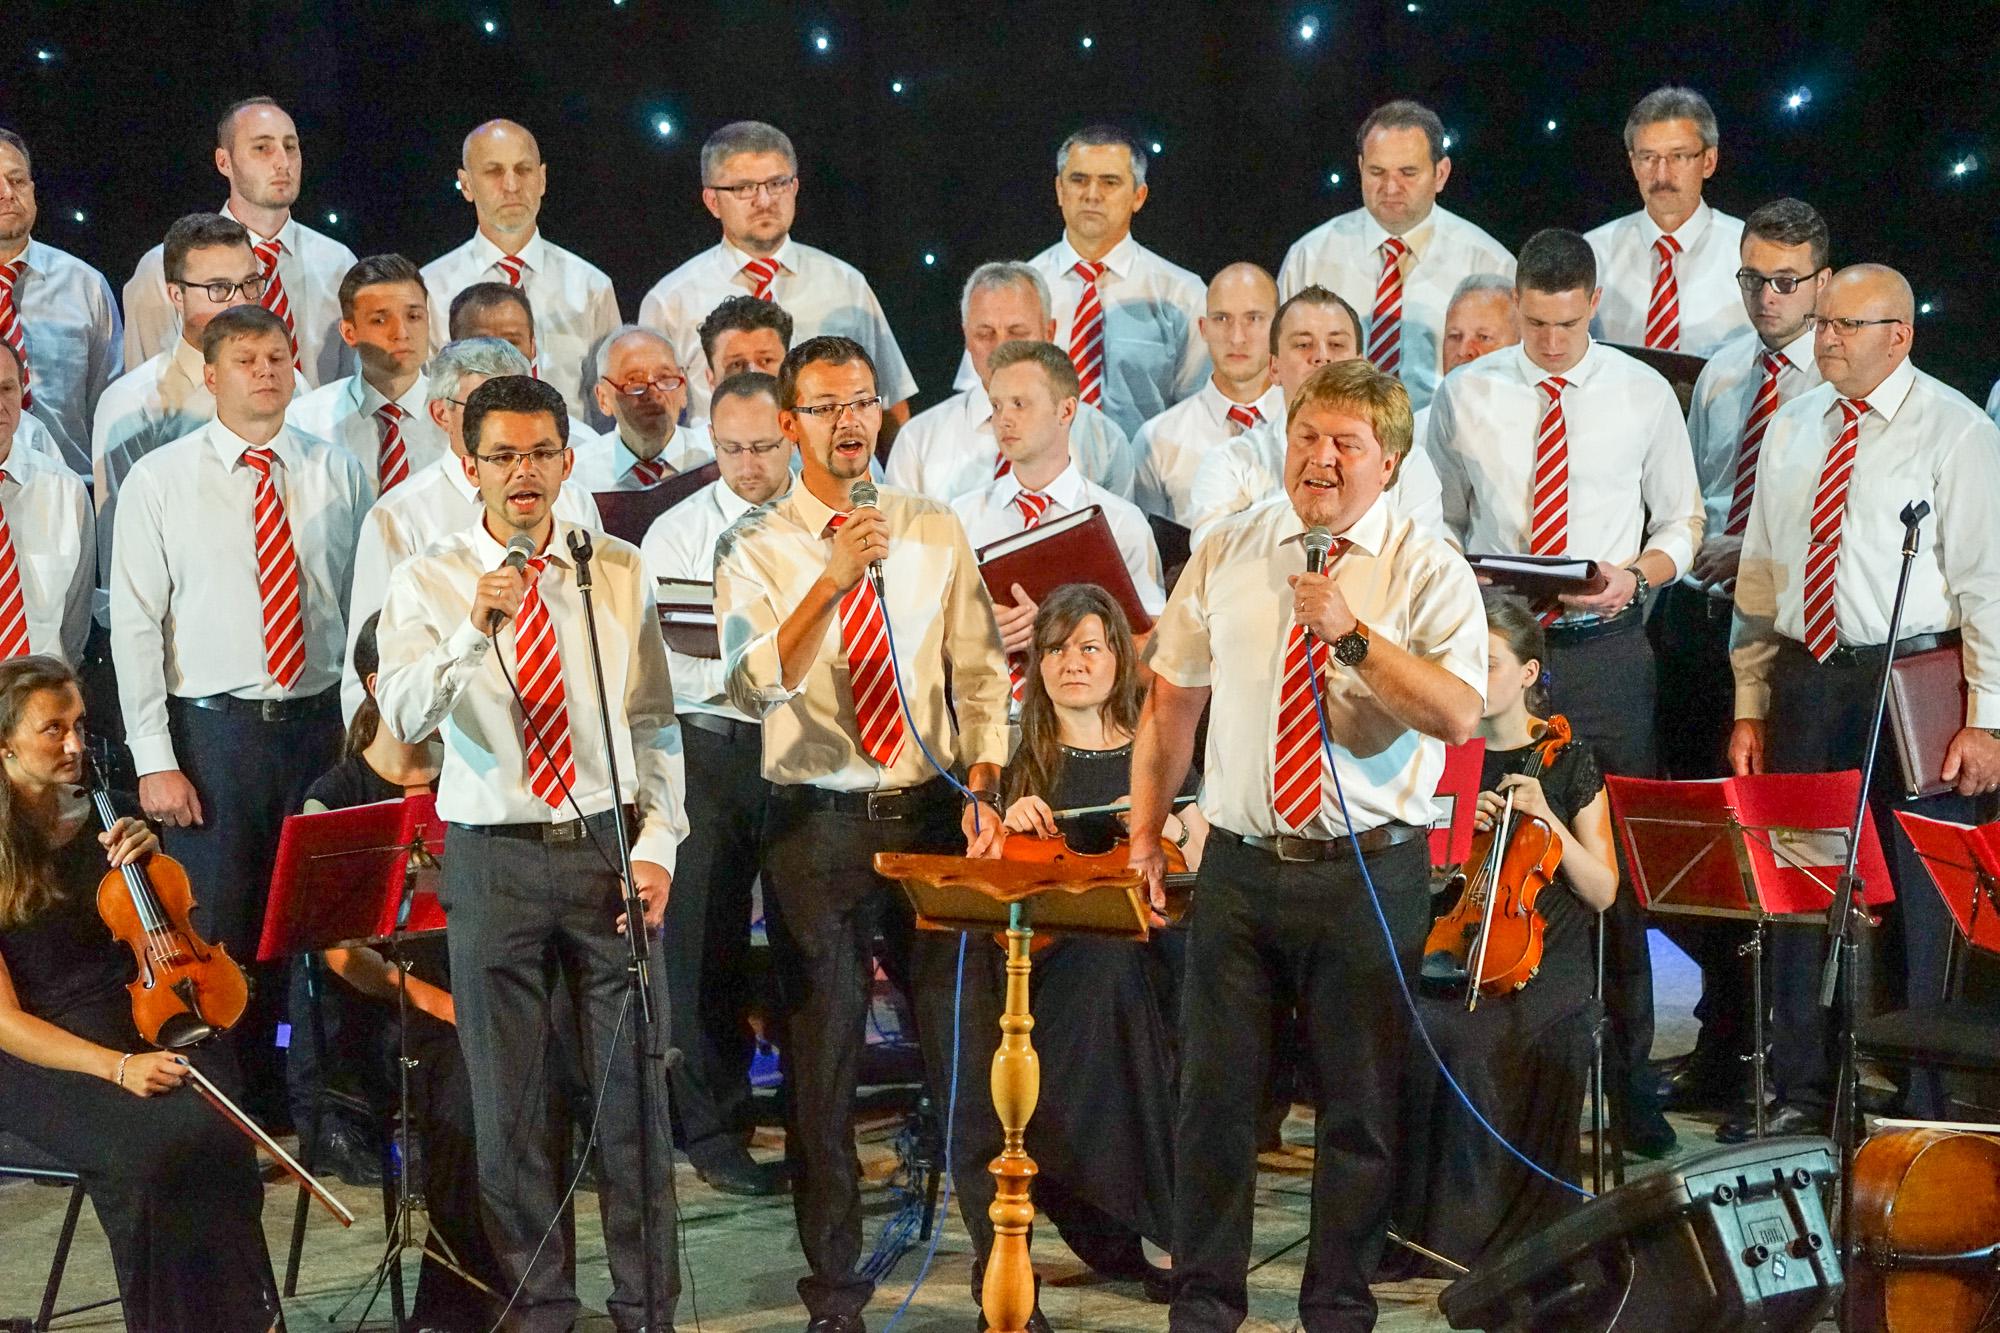 Brüder tragen ein Gruppenlied vor.